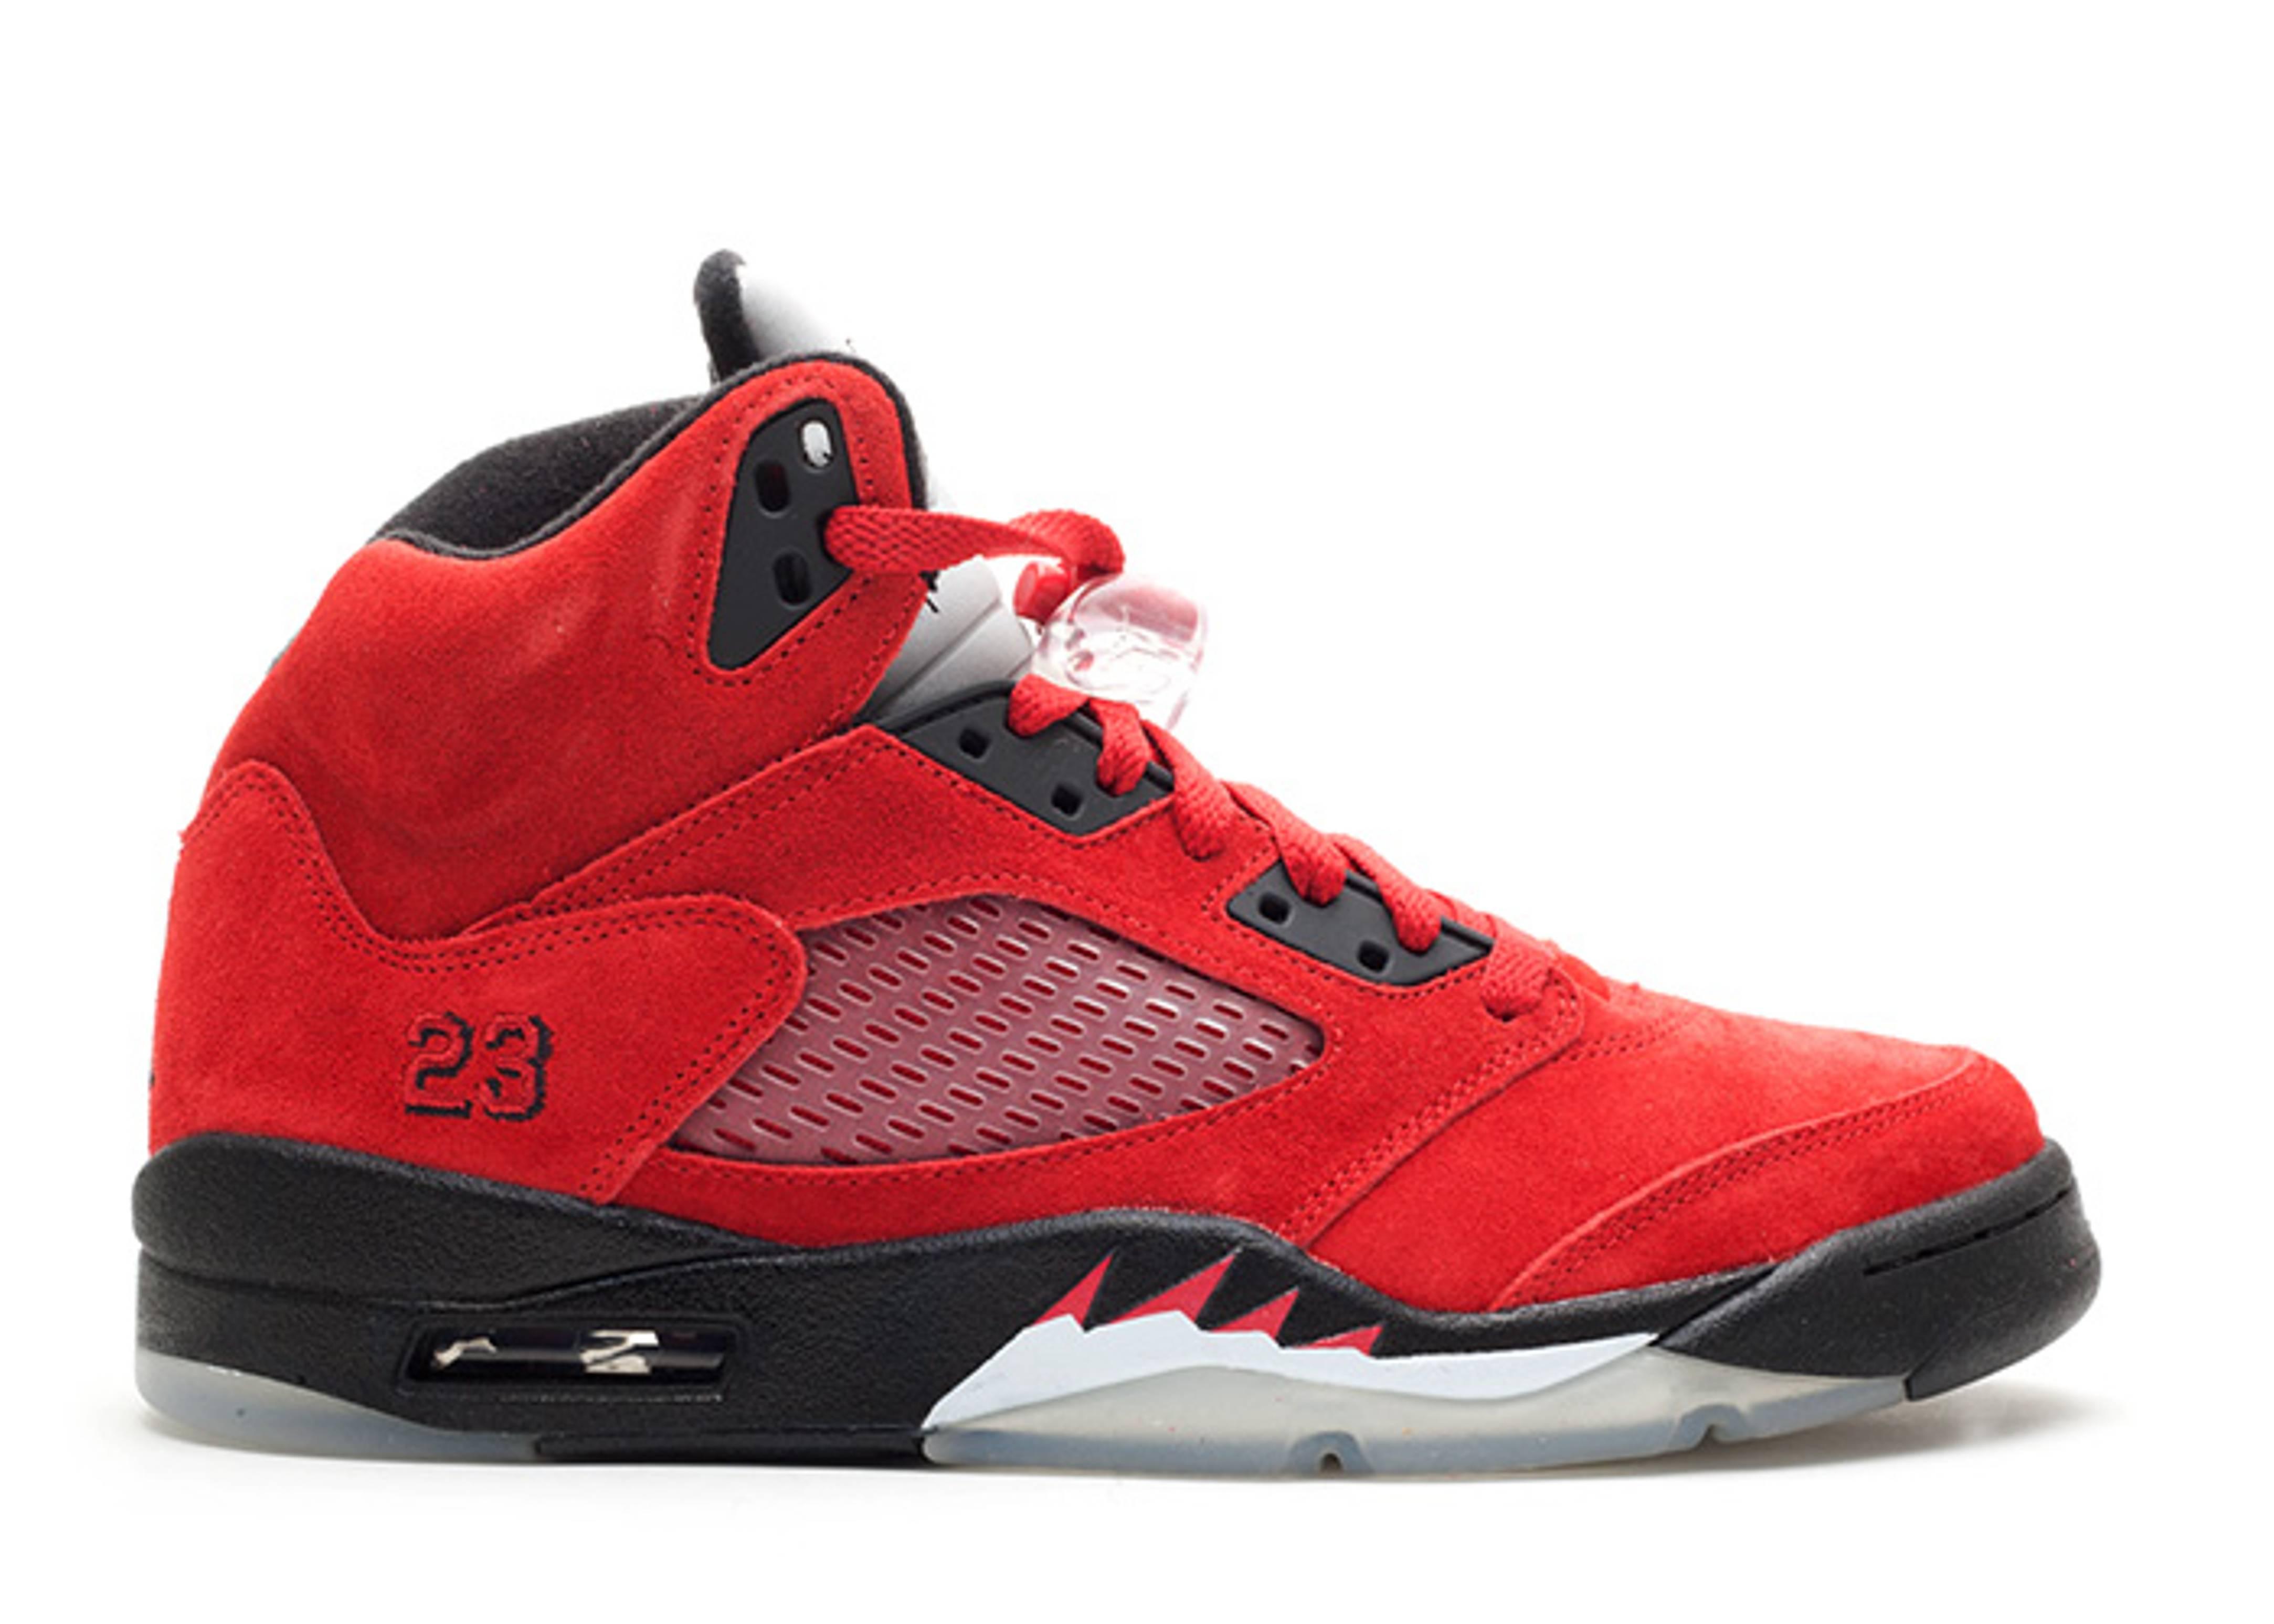 Air Jordan 5 Retro 2015 Release